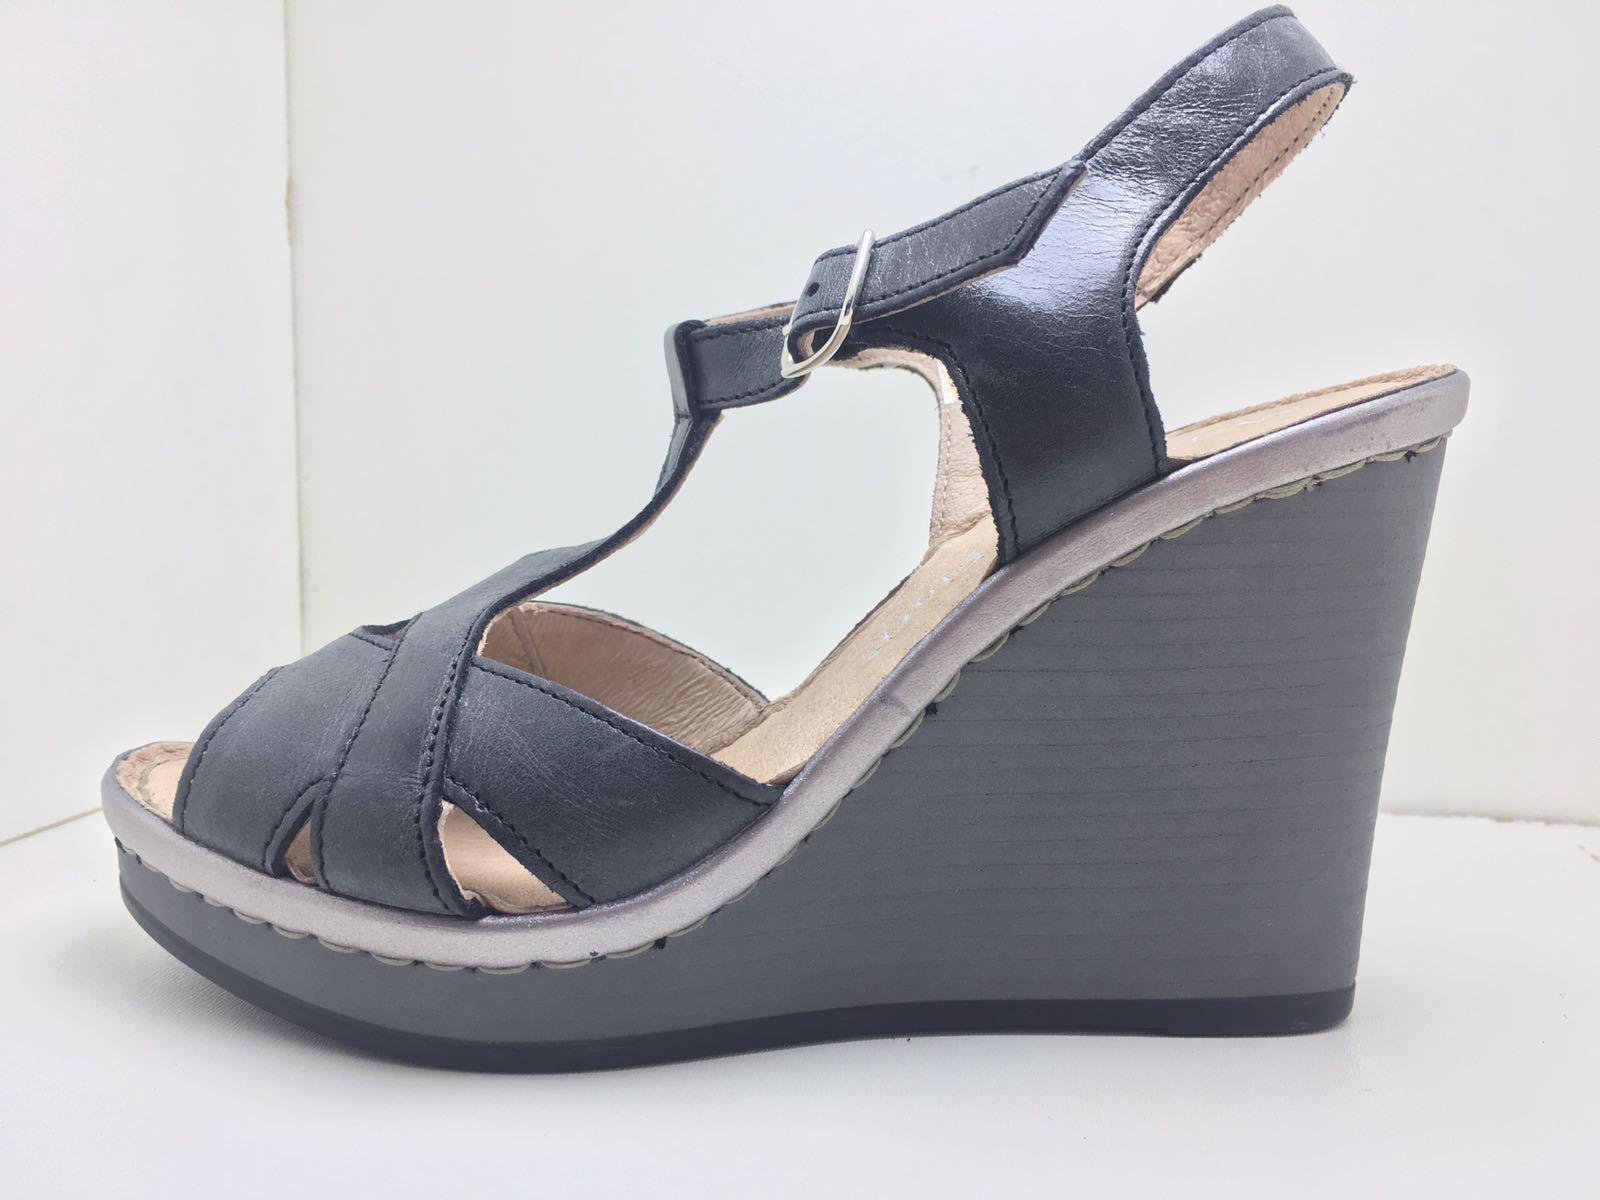 Schuhe Sandalen Sandalen Sandalen Kaufmann von Blaumen Frauen Schwarz 32fd7b